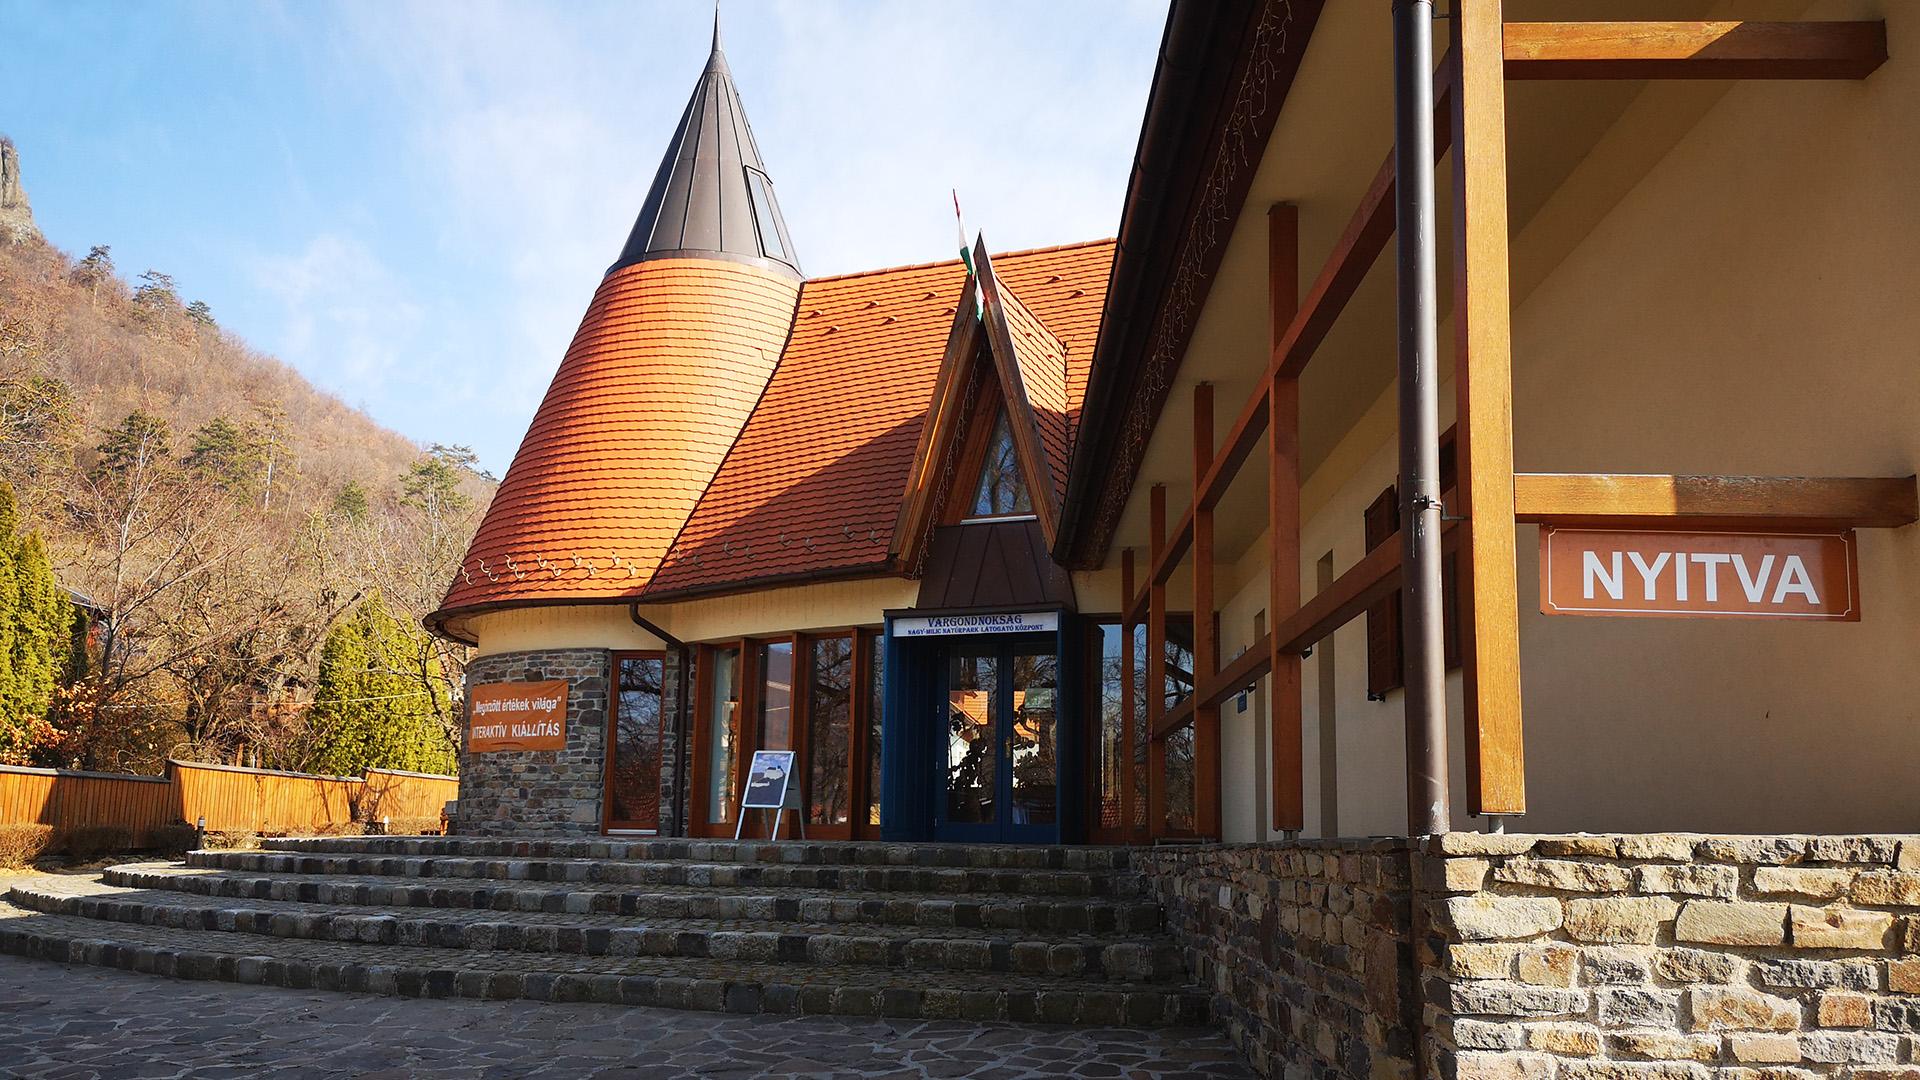 Látogató Központ nyitva tartás